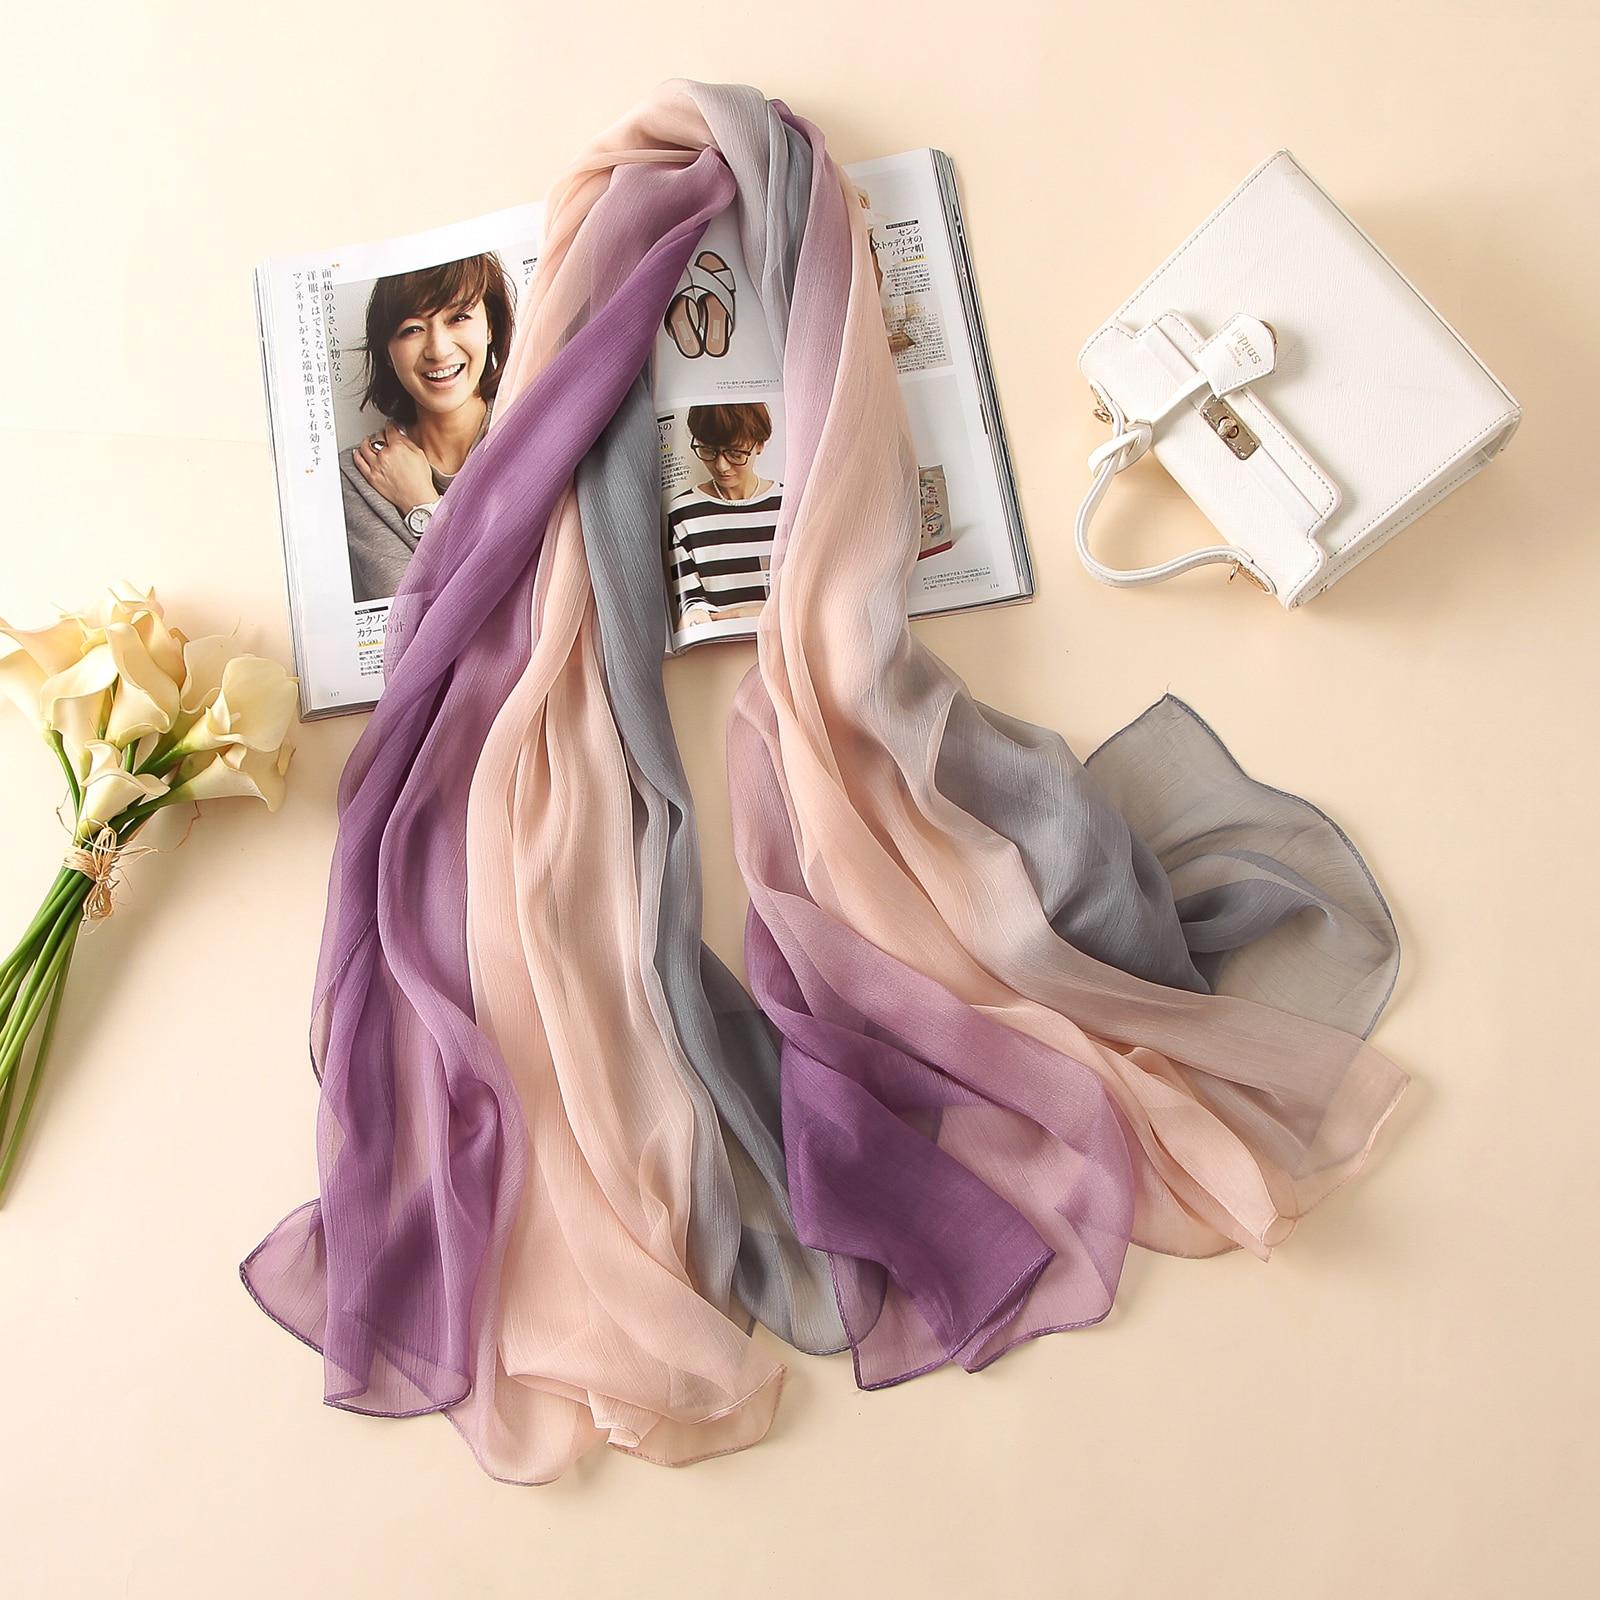 2018 Sommer Frauen Schal Mode weich Crepon Candy Farbe Seidenschals Schals und Pashmina Lady Caps weibliche Bandanas große Foulard